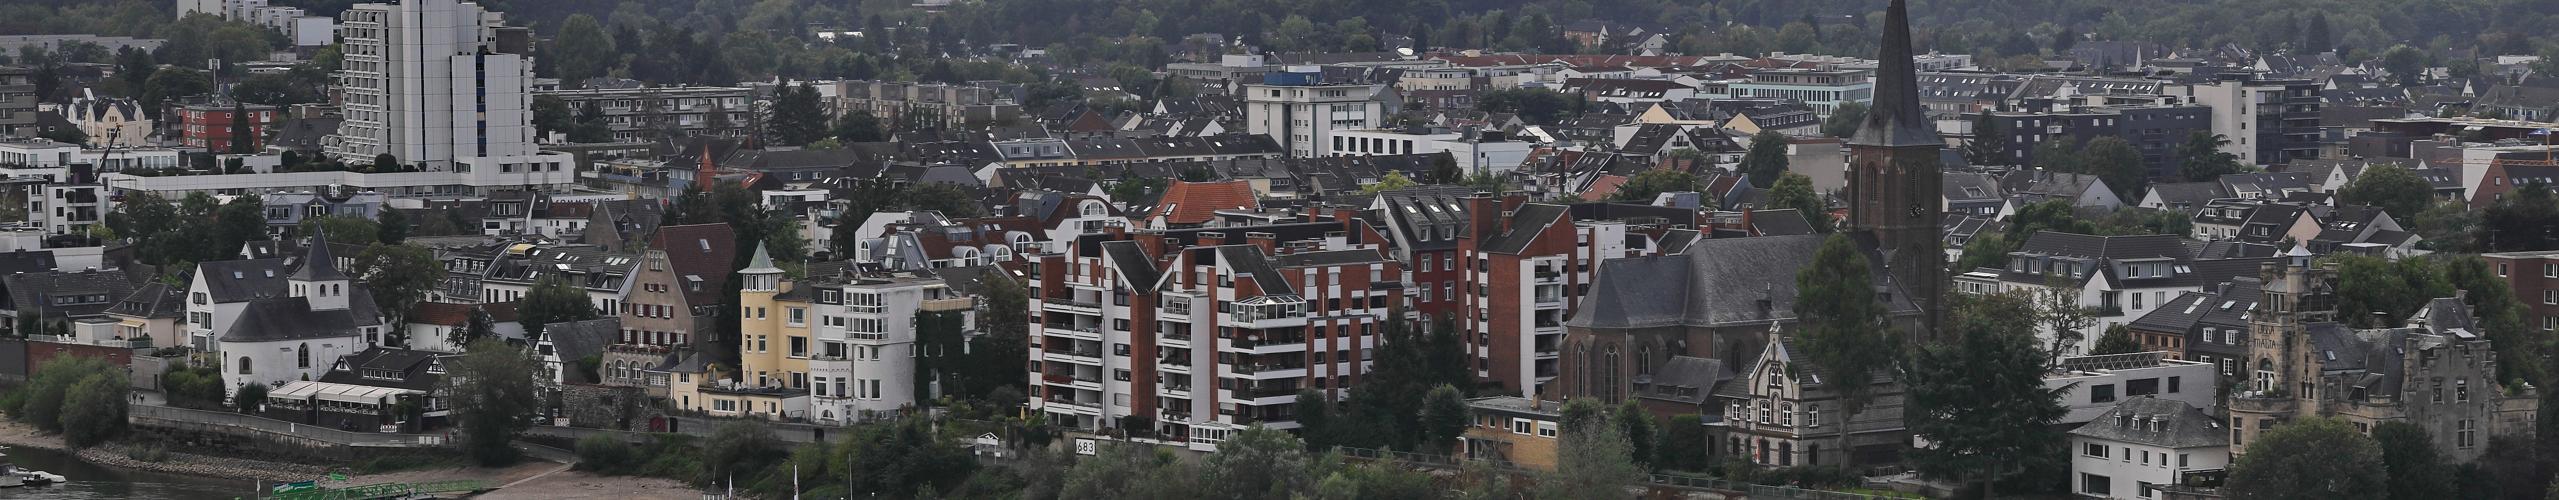 Köln Rodenkirchen und die Welt